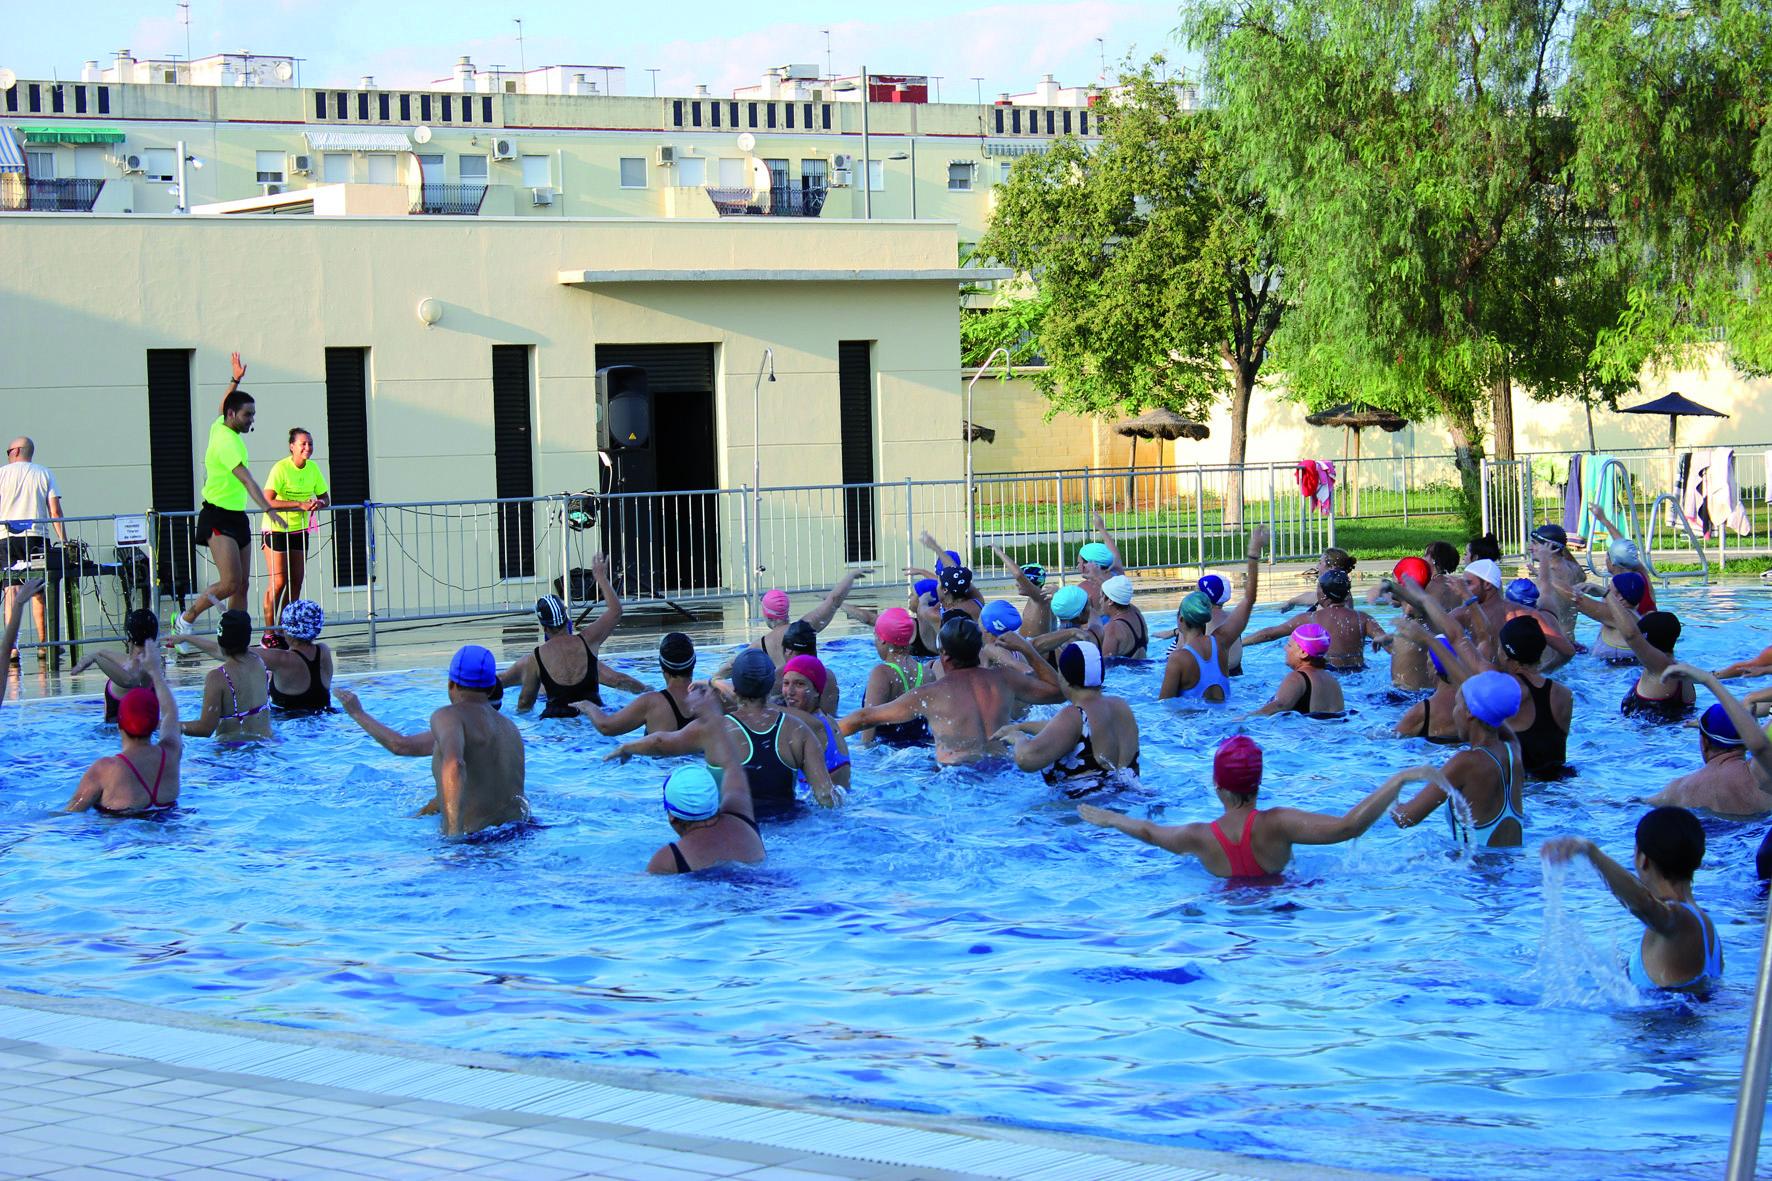 piscinas en verano deporte y diversi n